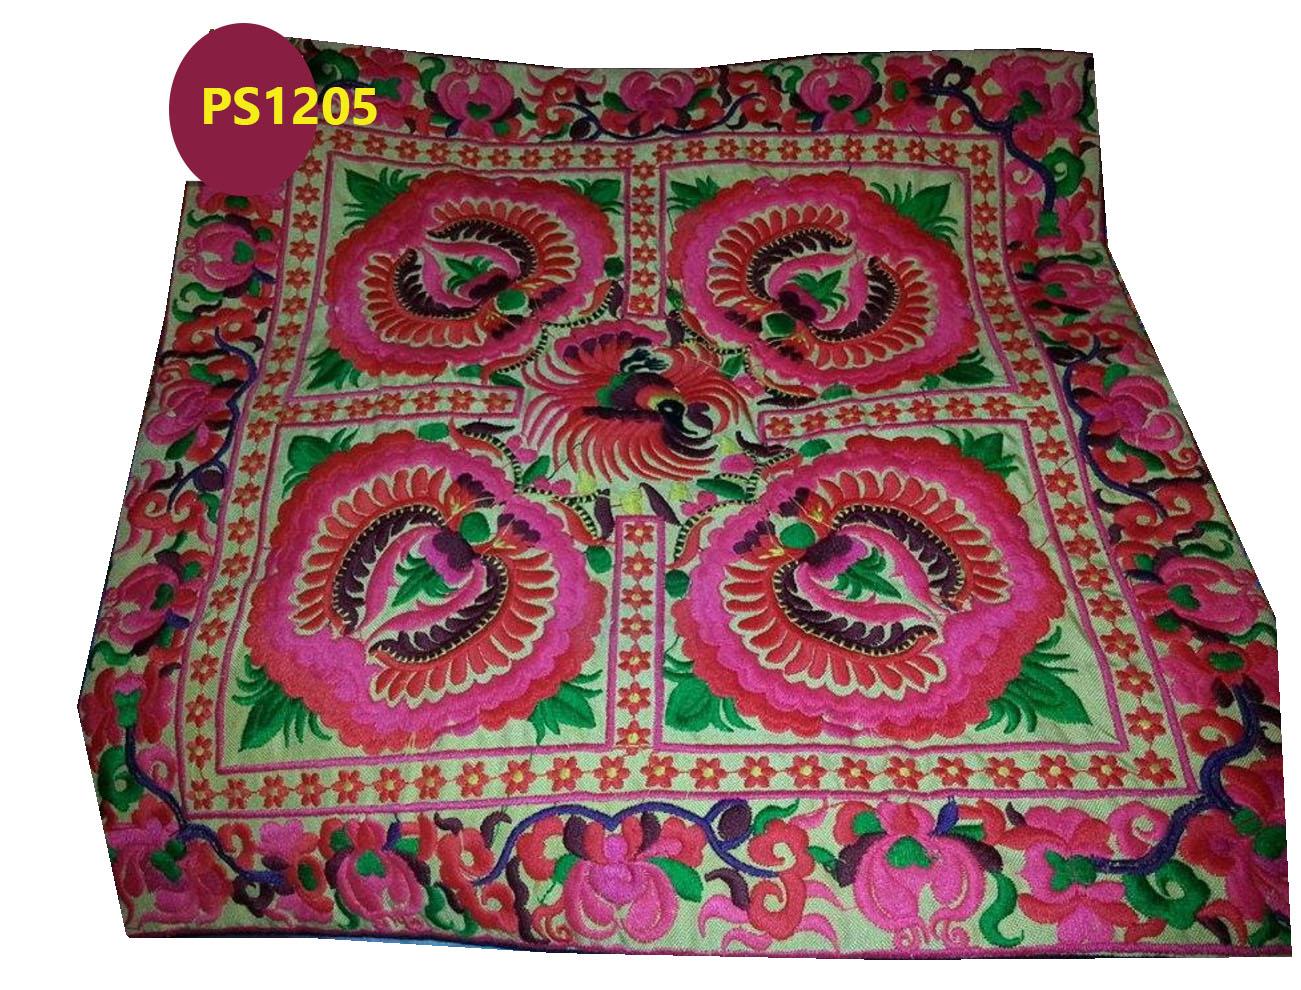 Cushion Cover 1205